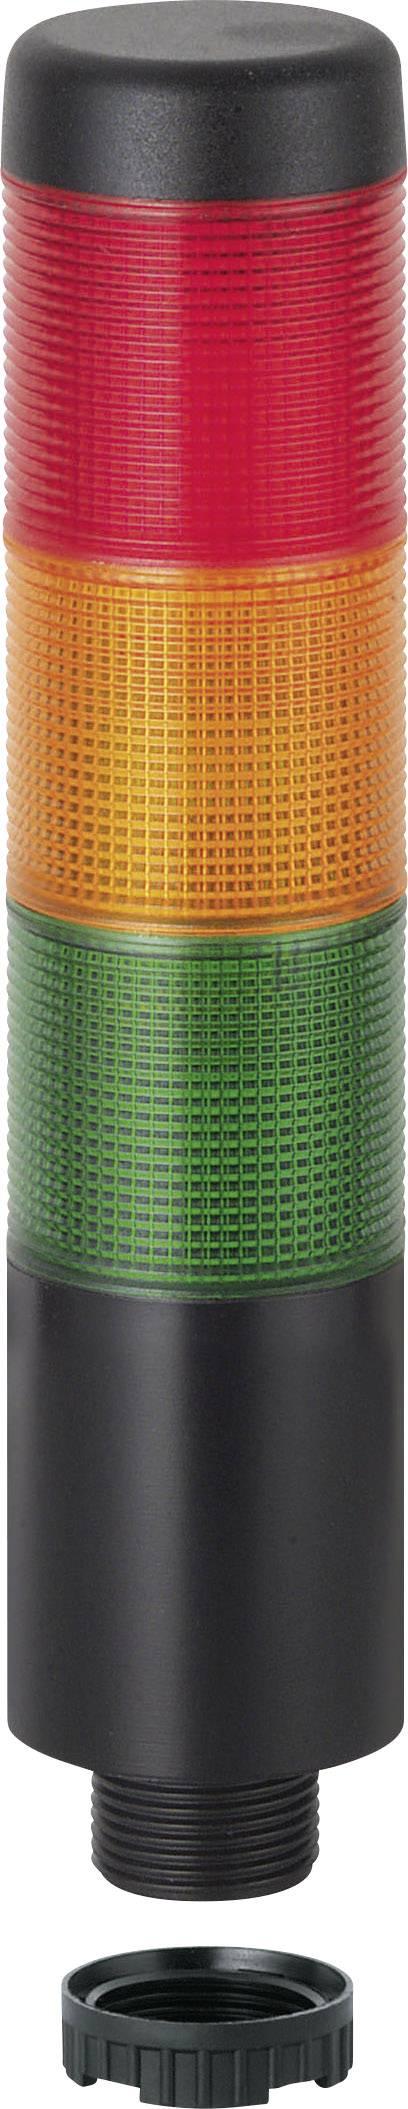 Signální sloupek LED Werma Signaltechnik WERMA KombiSign 71 trvalé světlo zelená, žlutá, červená, 24 V/AC, 24 V/DC